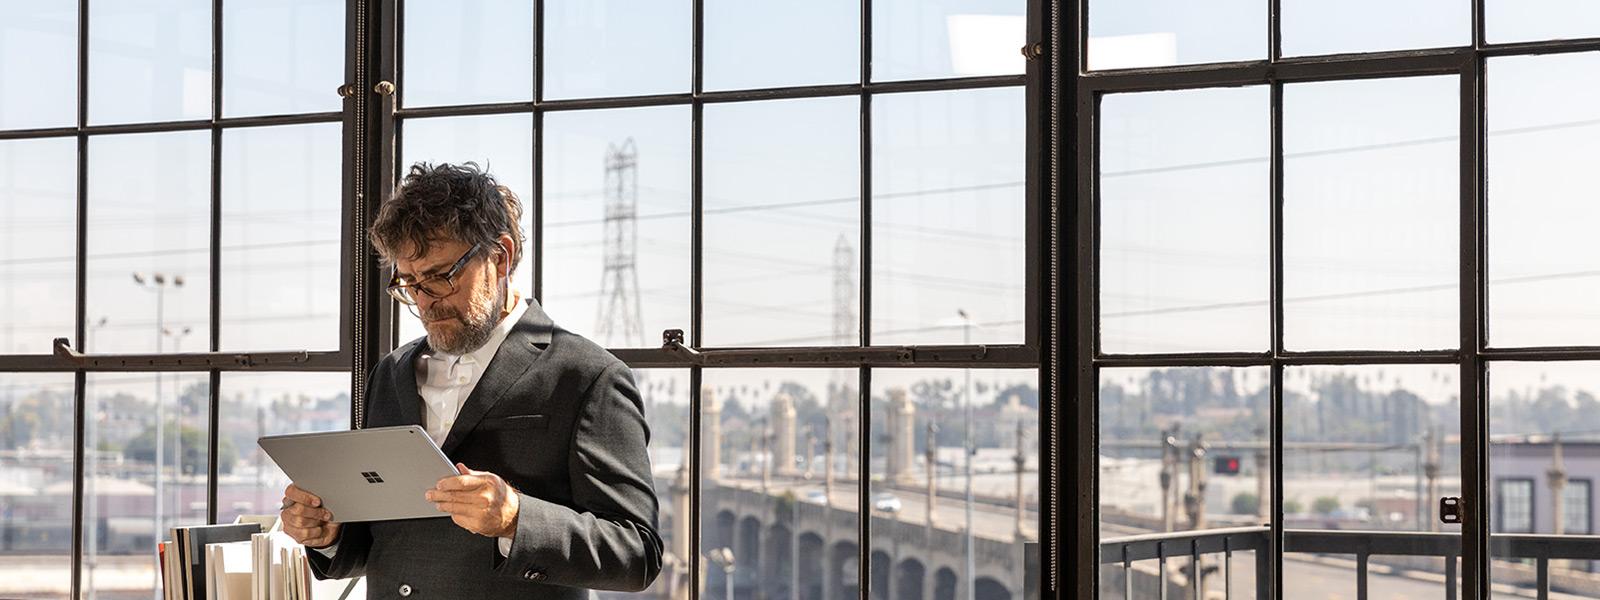 Un homme se tenant près d'une fenêtre regardant son Surface Book 3 en tablette